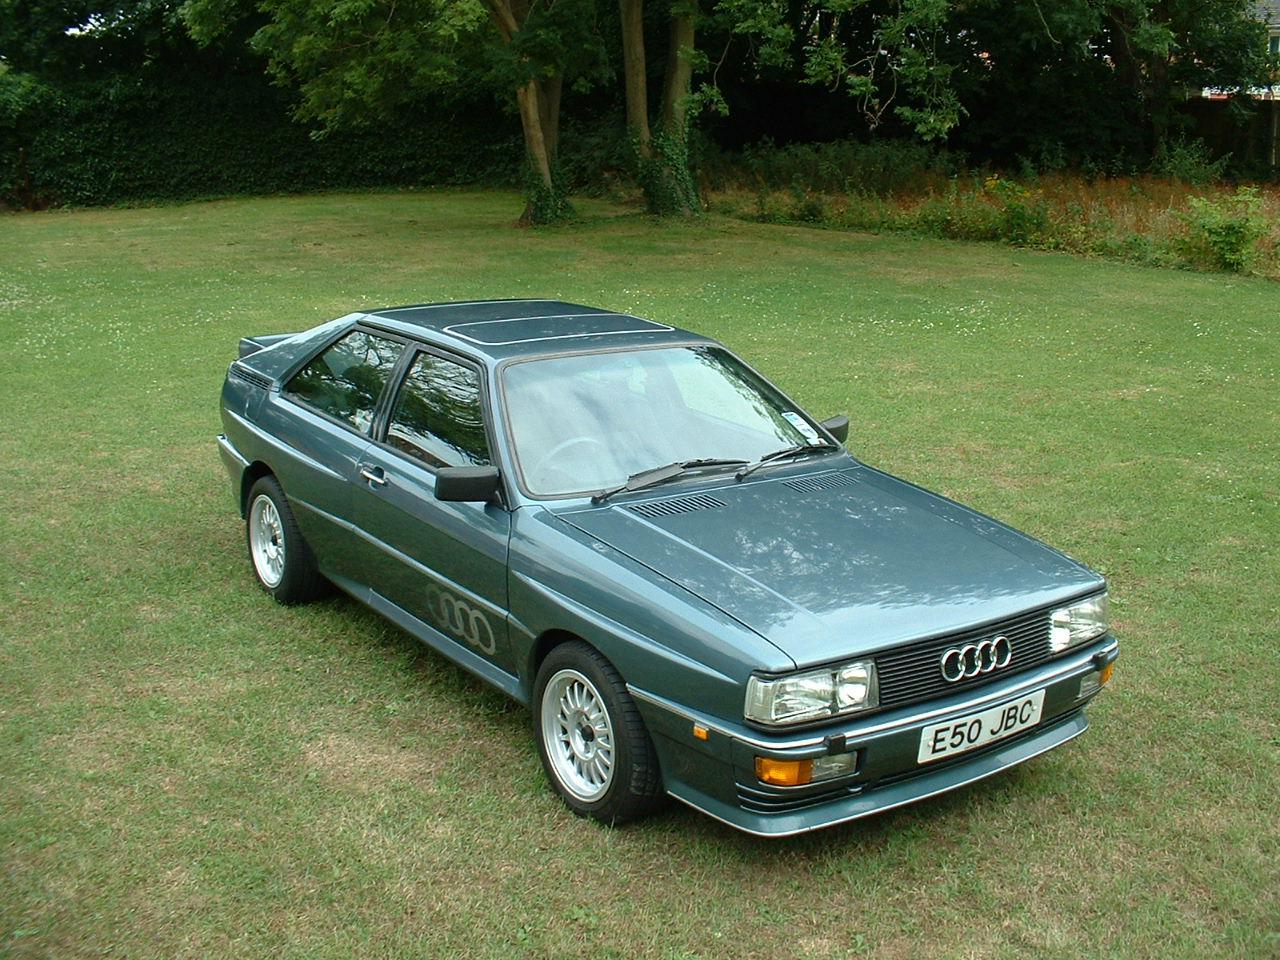 Audi-heritage-6